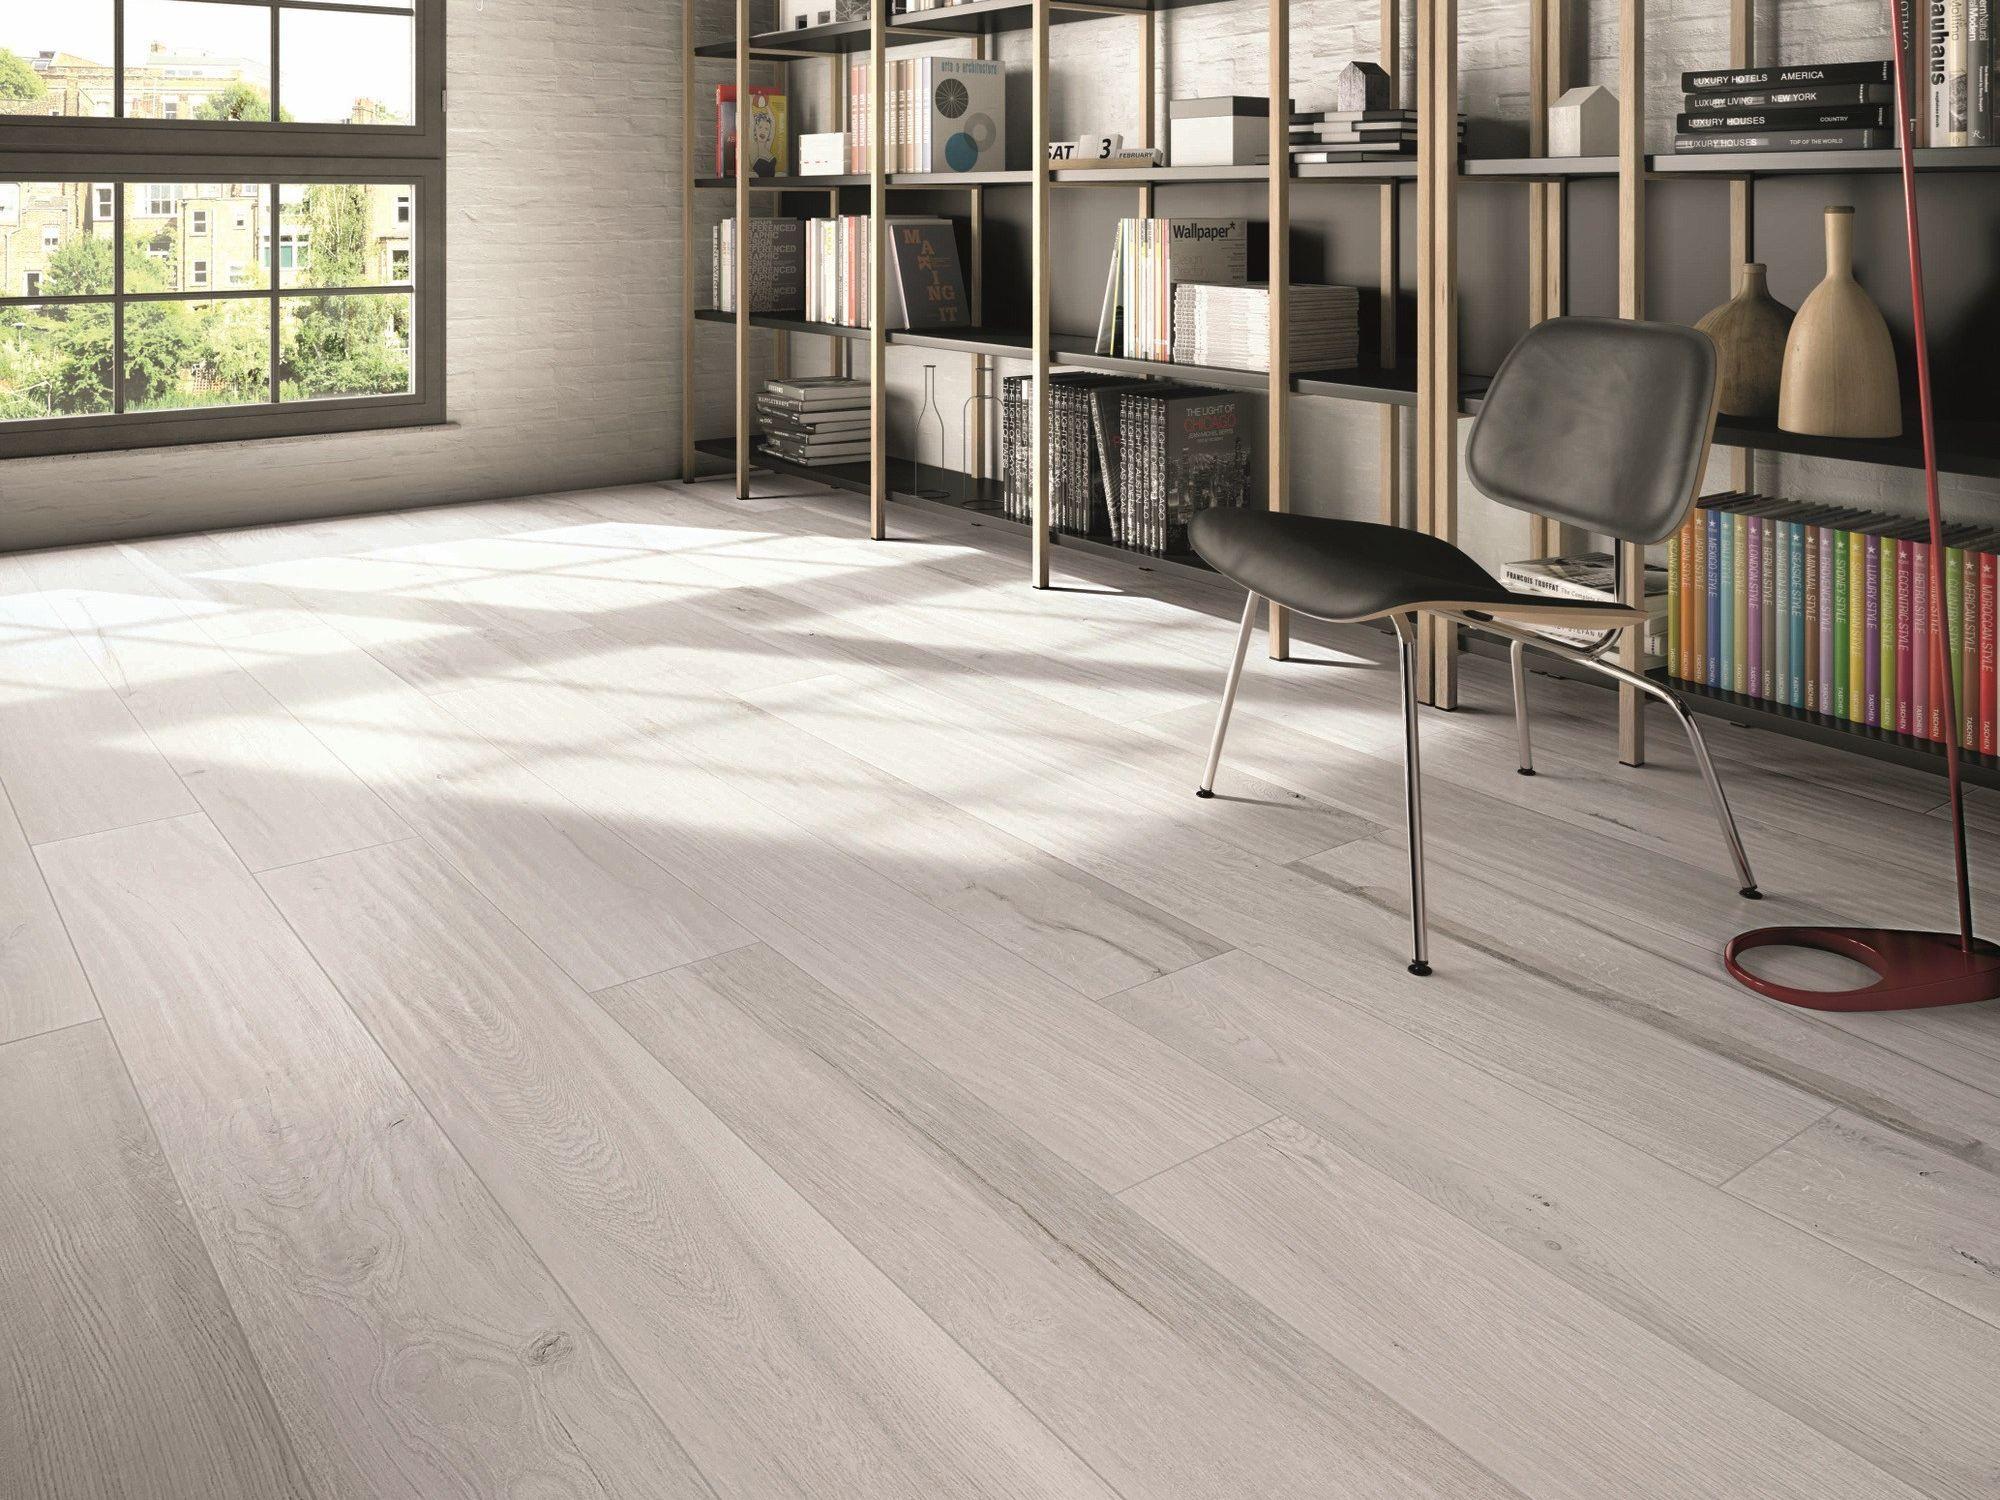 Pavimento rivestimento in gres porcellanato soleras by abk industrie ceramiche - Piastrelle da interno prezzi ...